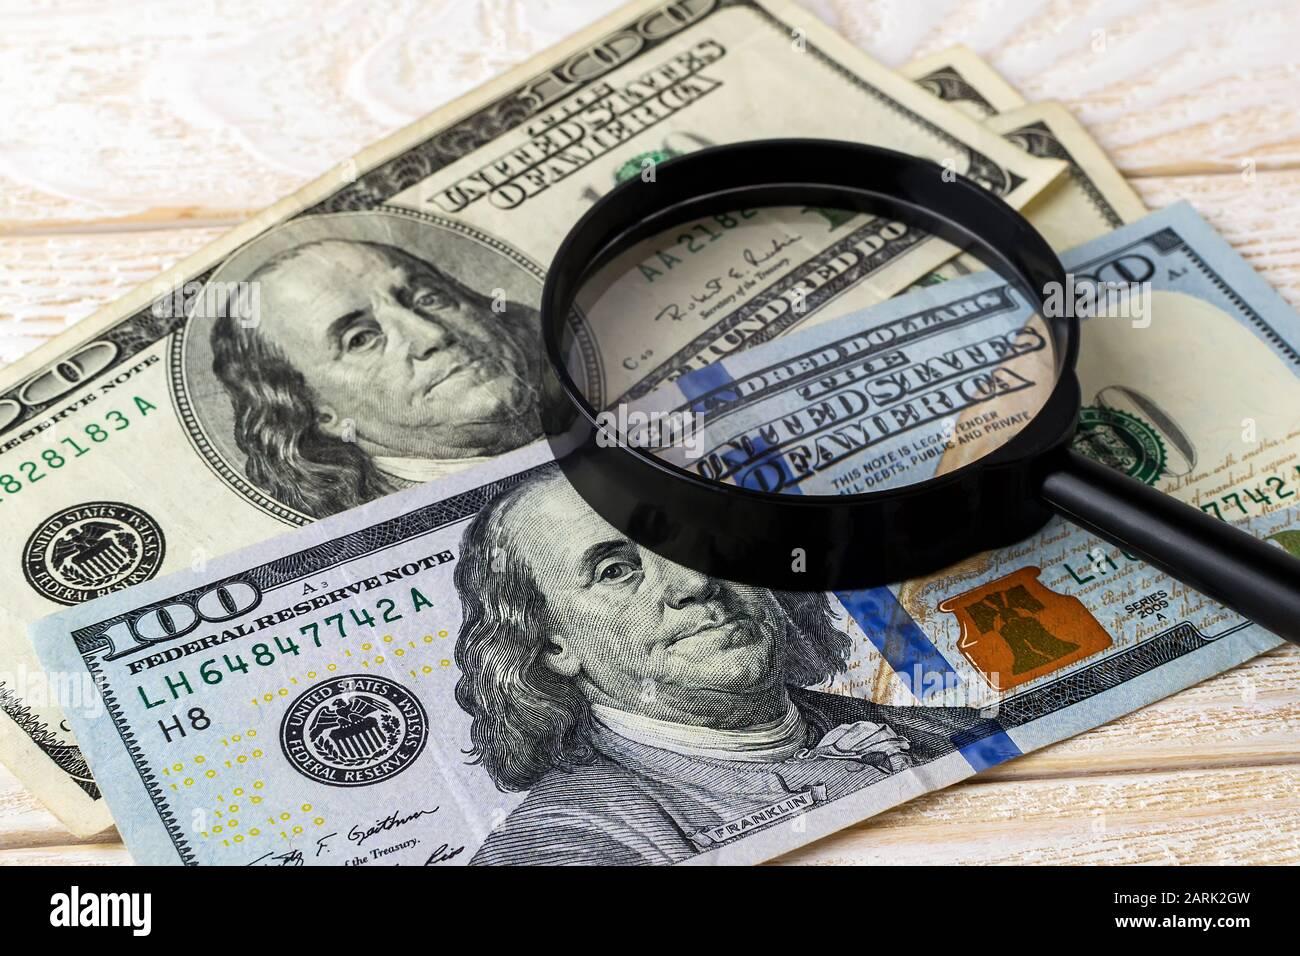 Lupa sobre billetes nuevos y viejos en una superficie de madera blanca. Compruebe la autenticidad del dinero. Concepto de riqueza, pobreza y falsificación de dinero Foto de stock